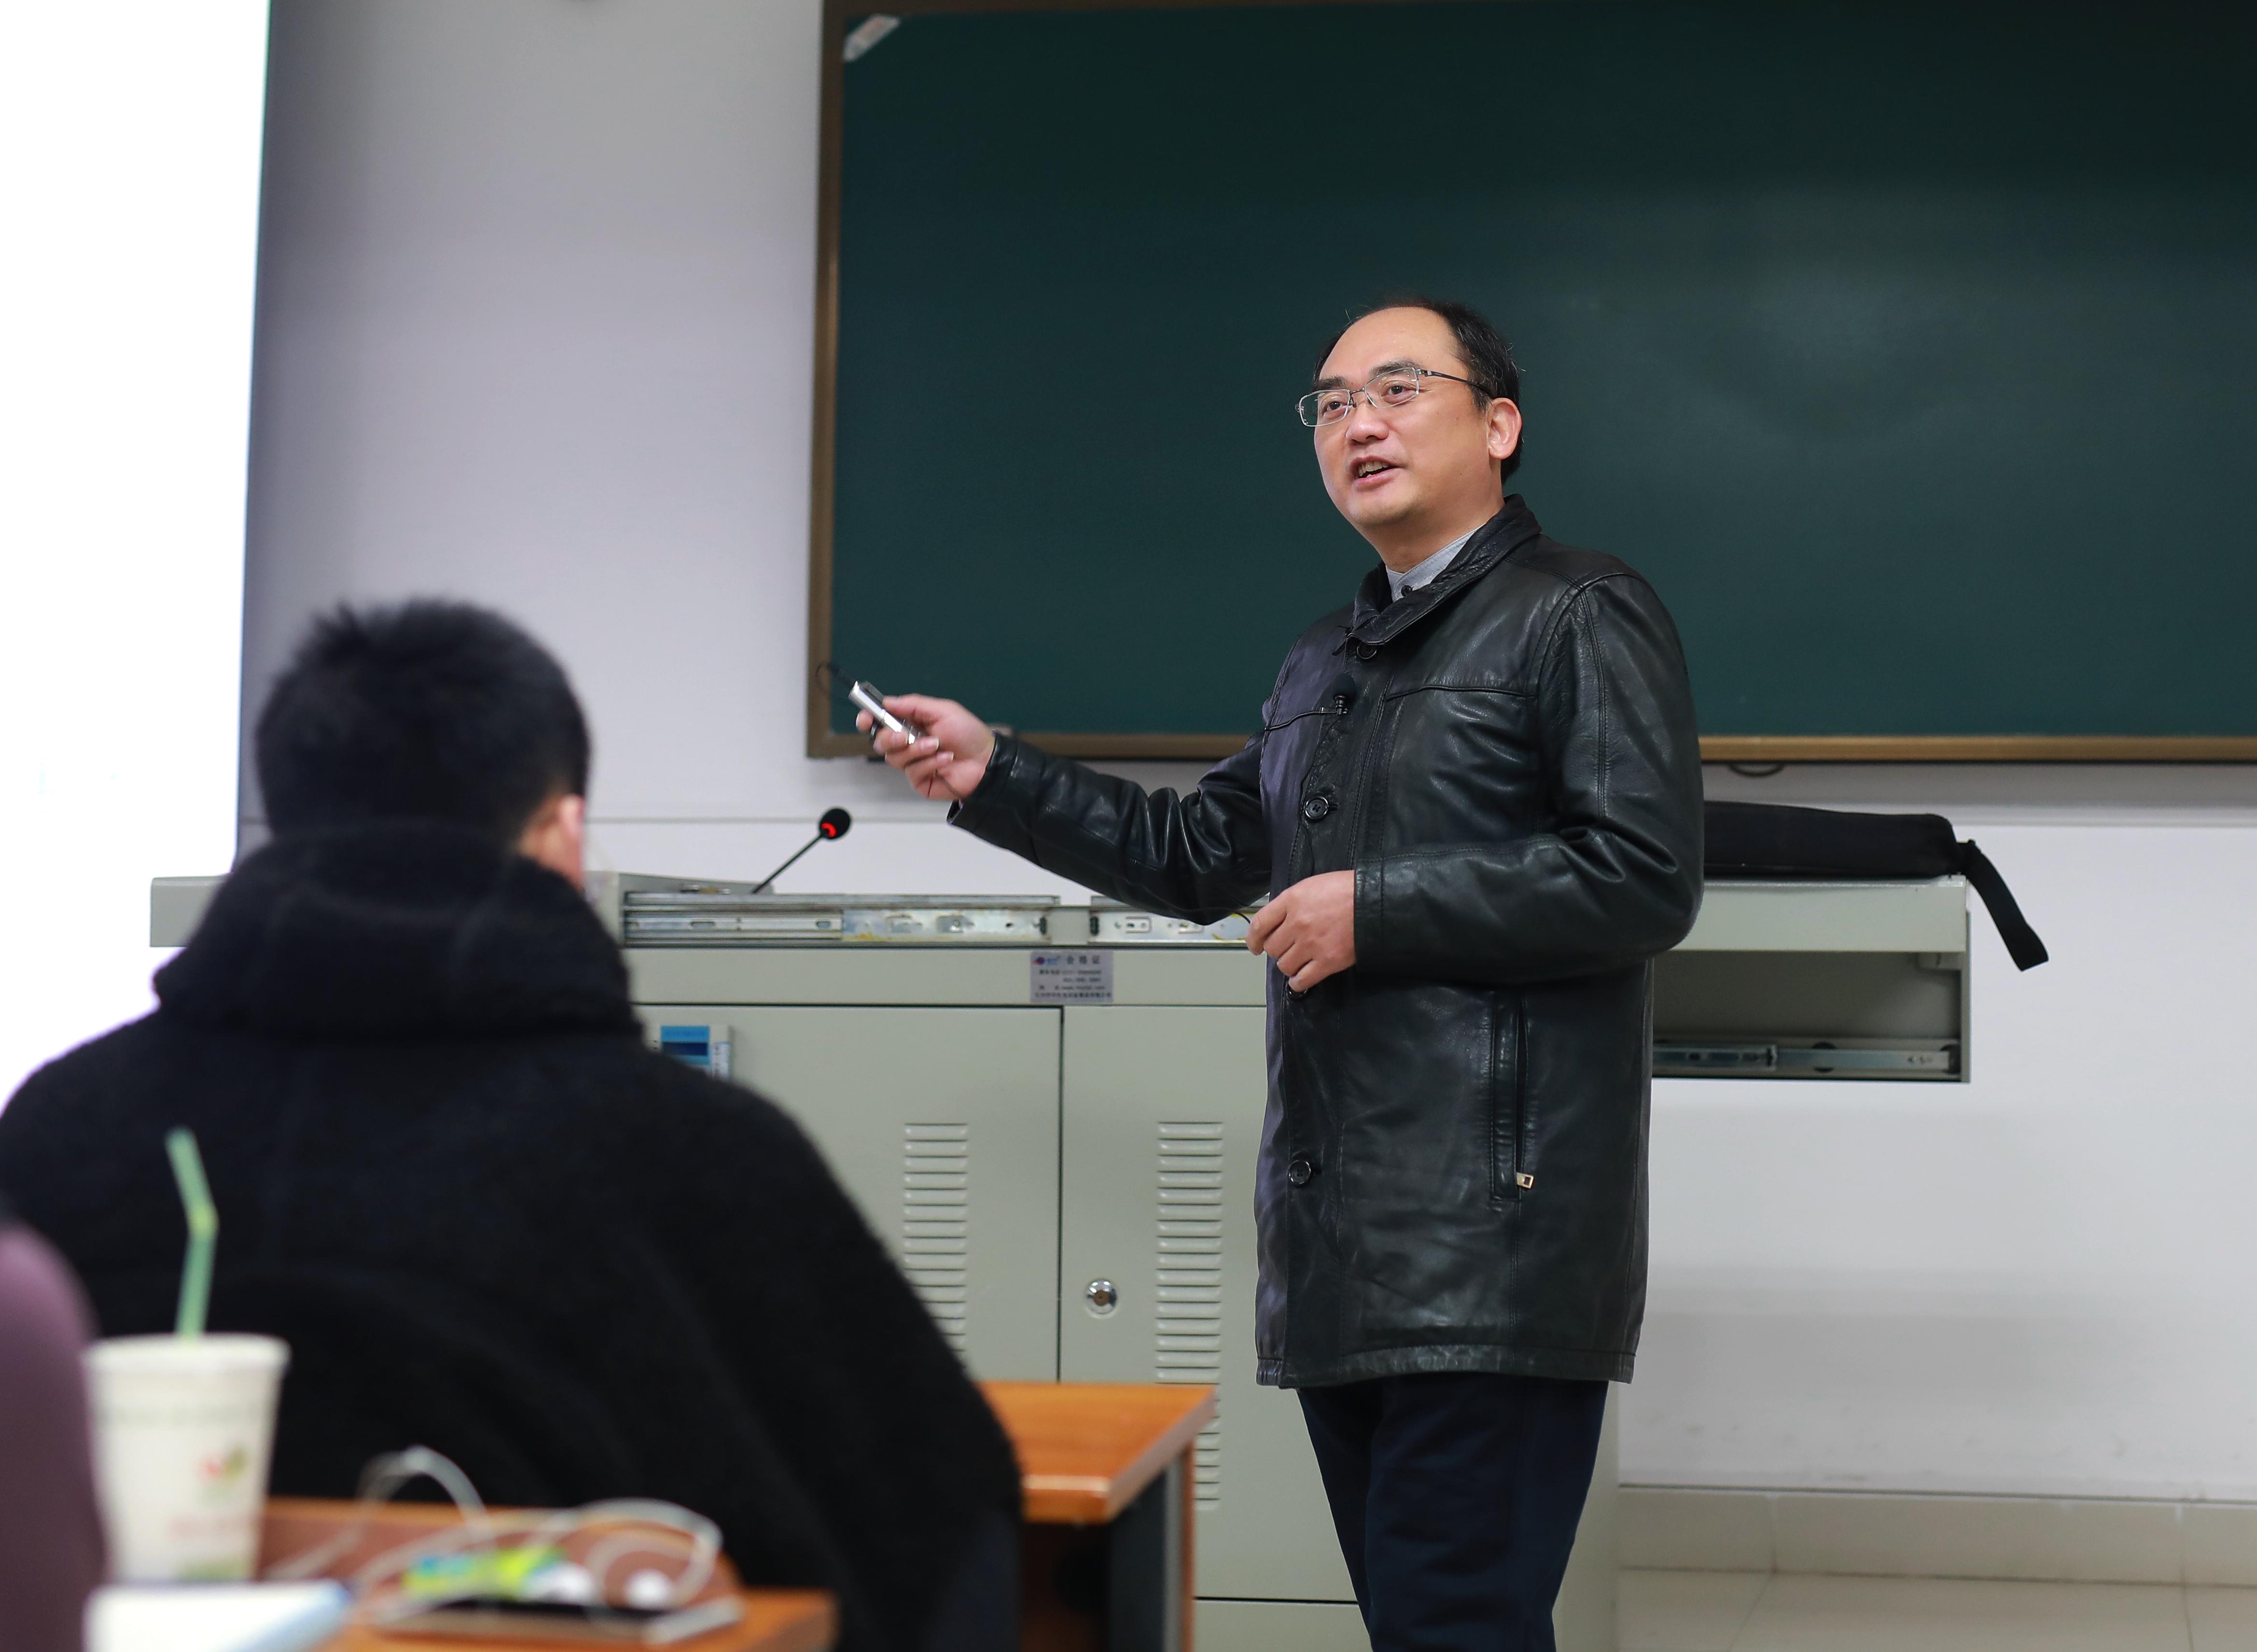 孙明老为同学们讲授《基因操作原理》课 (龚时峰 摄)